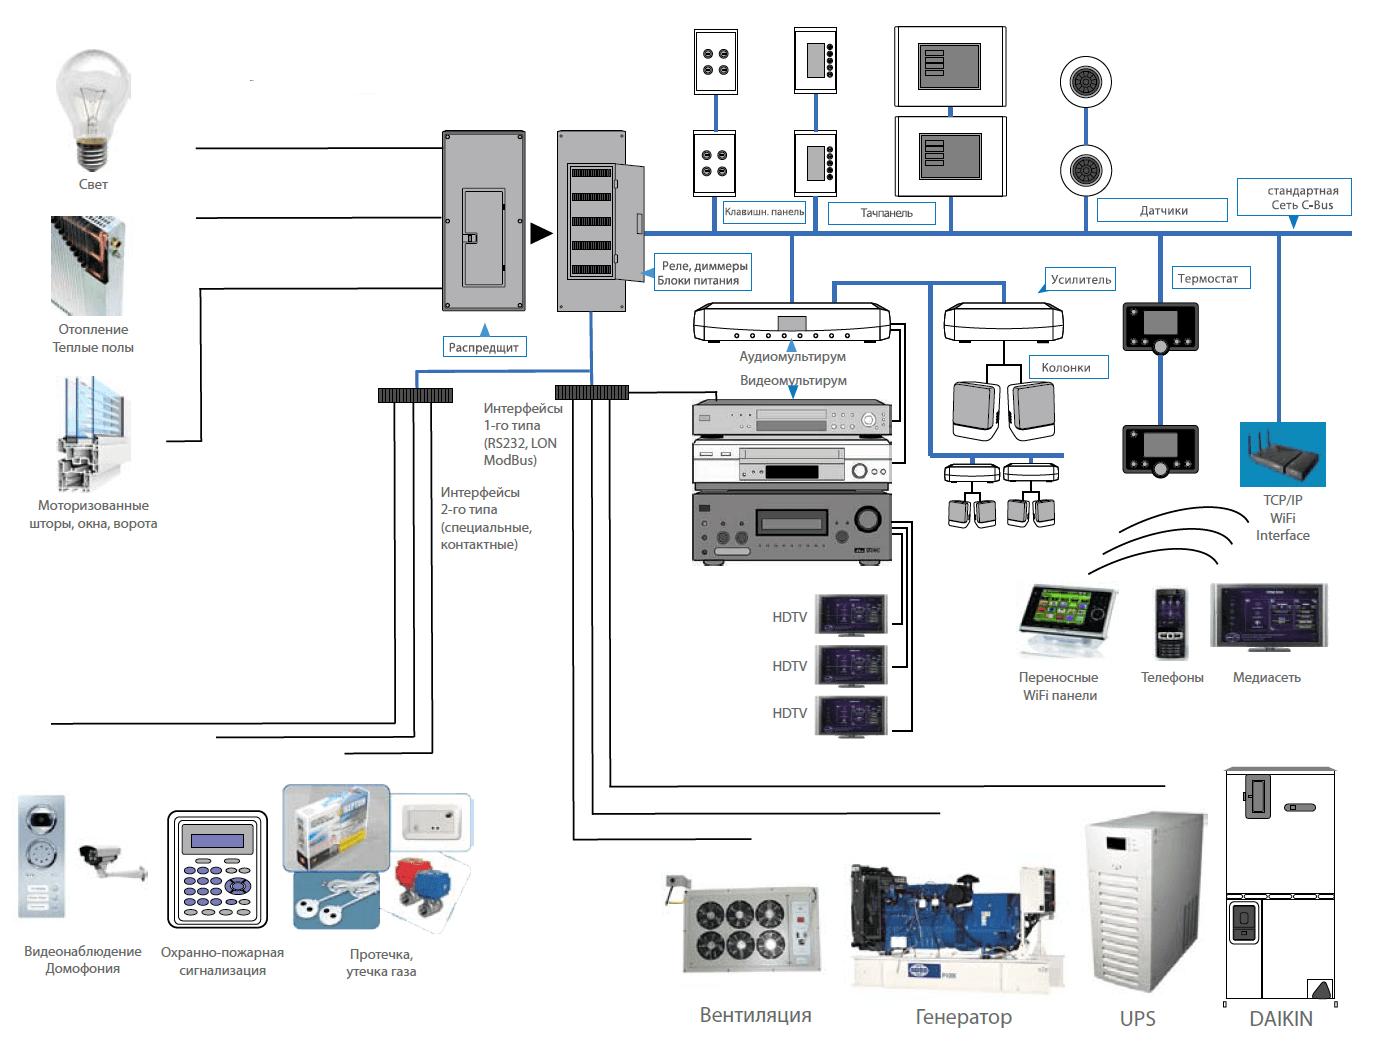 810a4b971f3d49f5b87013b8436f2f55_ru-compressor.png